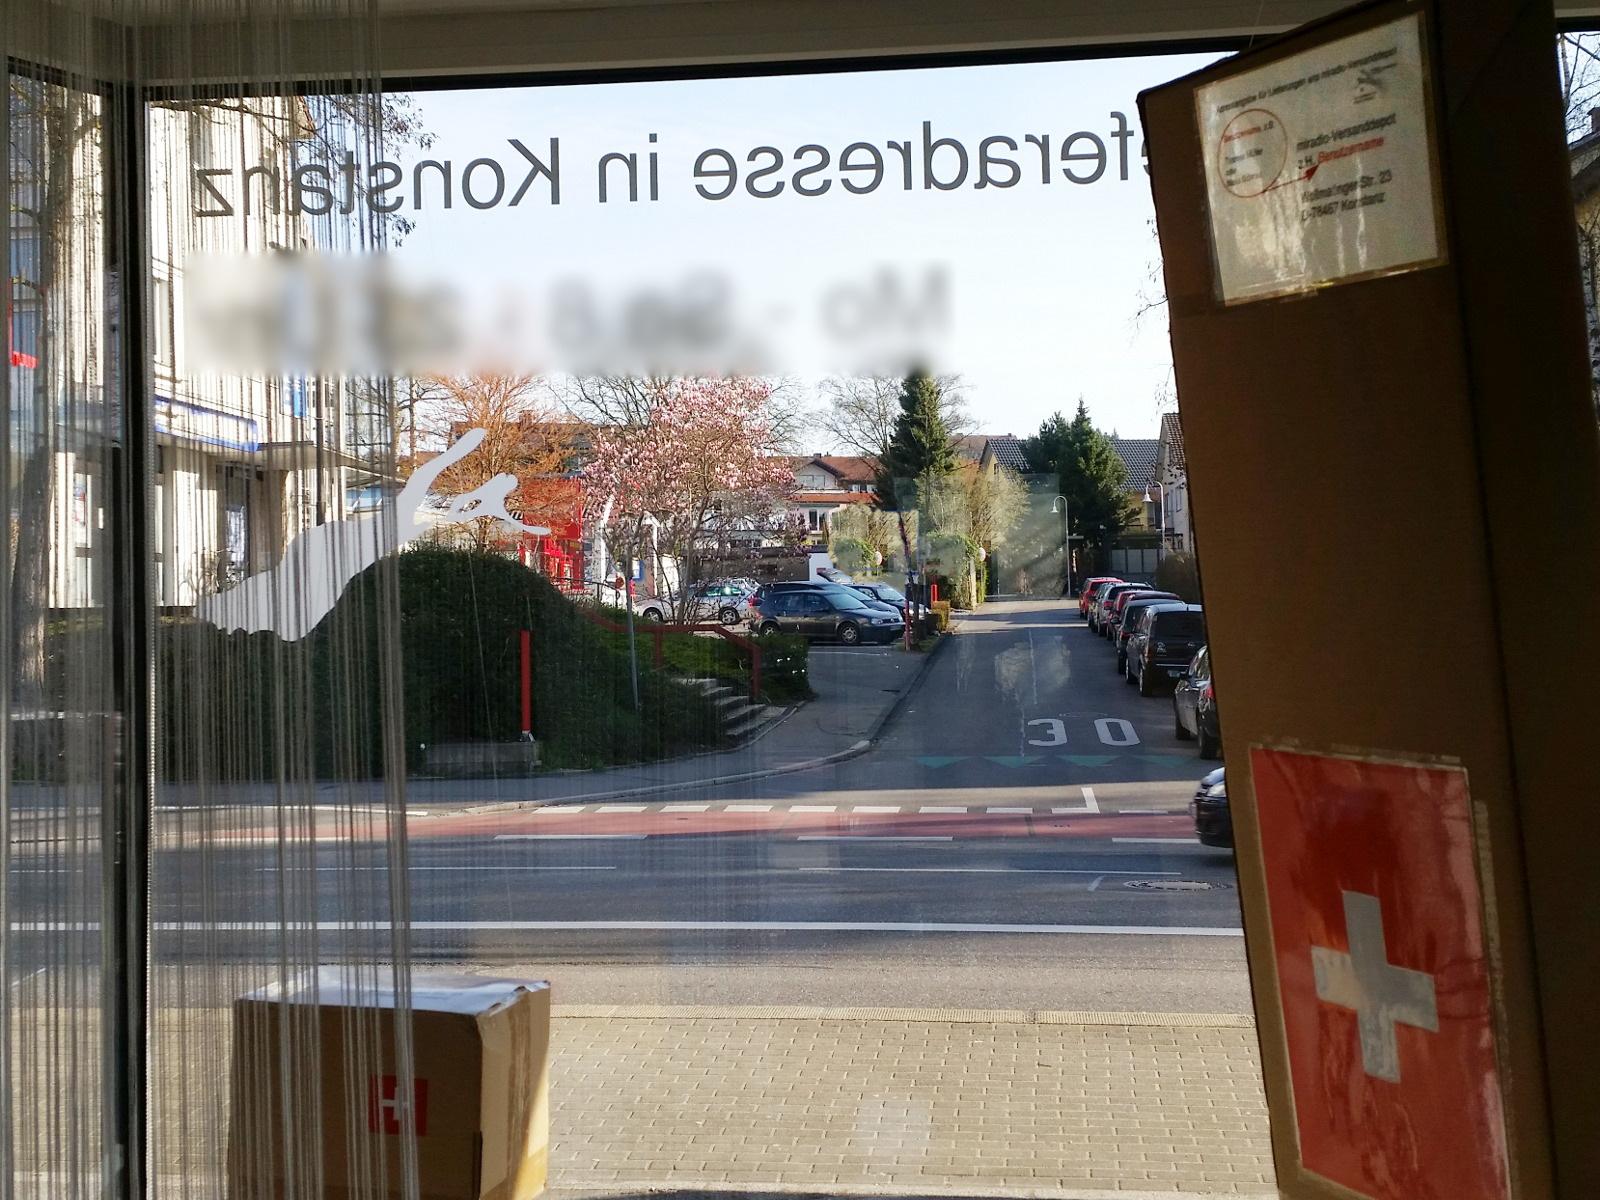 So sieht der Blick von innen aus unserem Schaufenster aus, wenn die Magnolie gegenüber blüht.